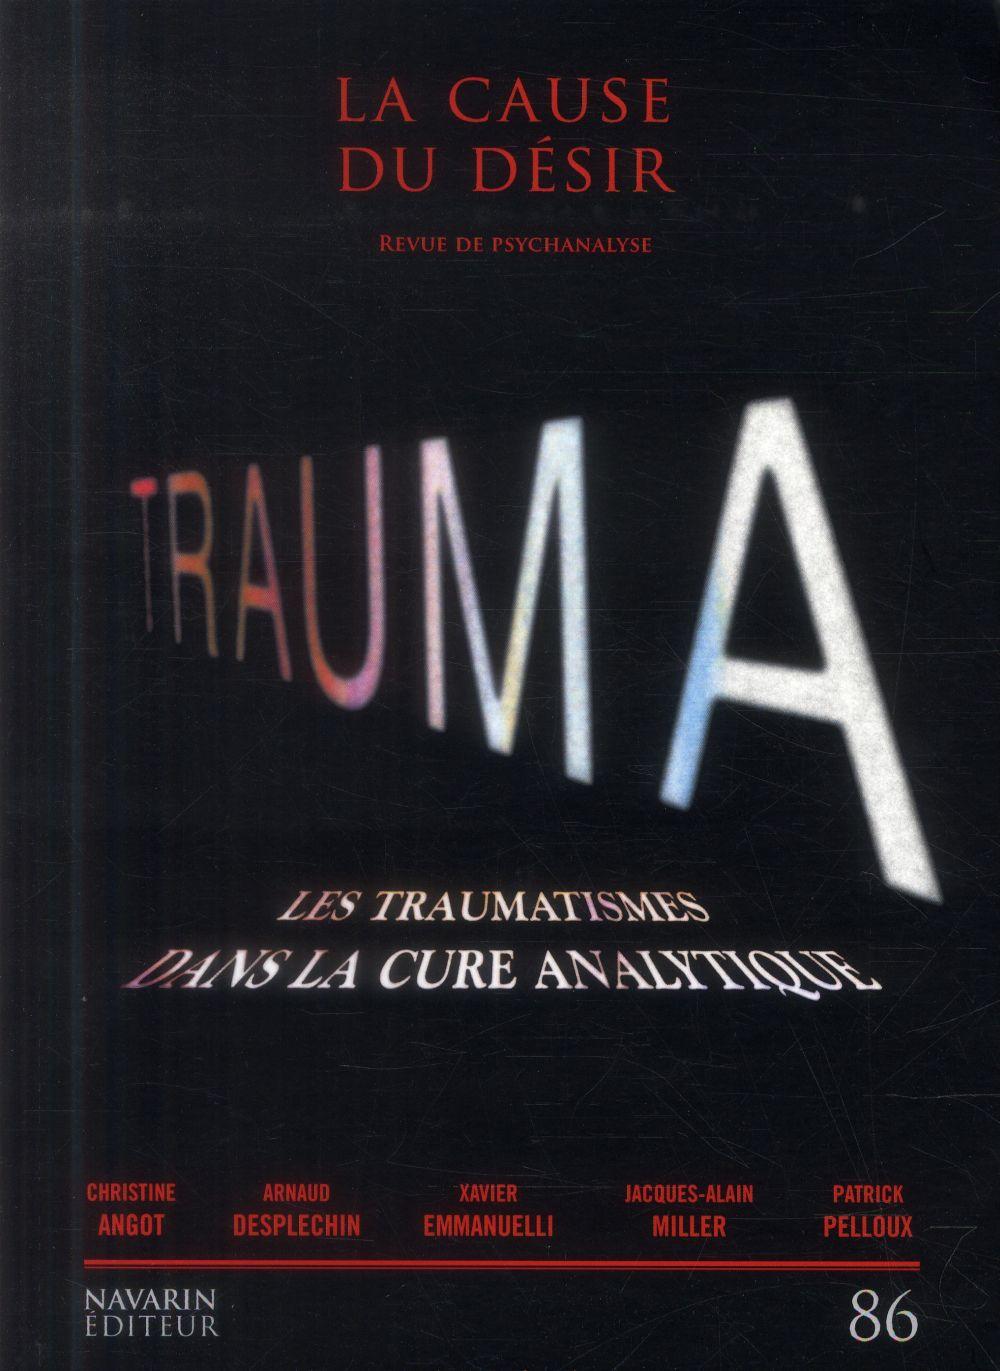 LA CAUSE DU DESIR 86 - TRAUMA LES TRAUMATISMES DANS LA CURE ANALYTIQUE